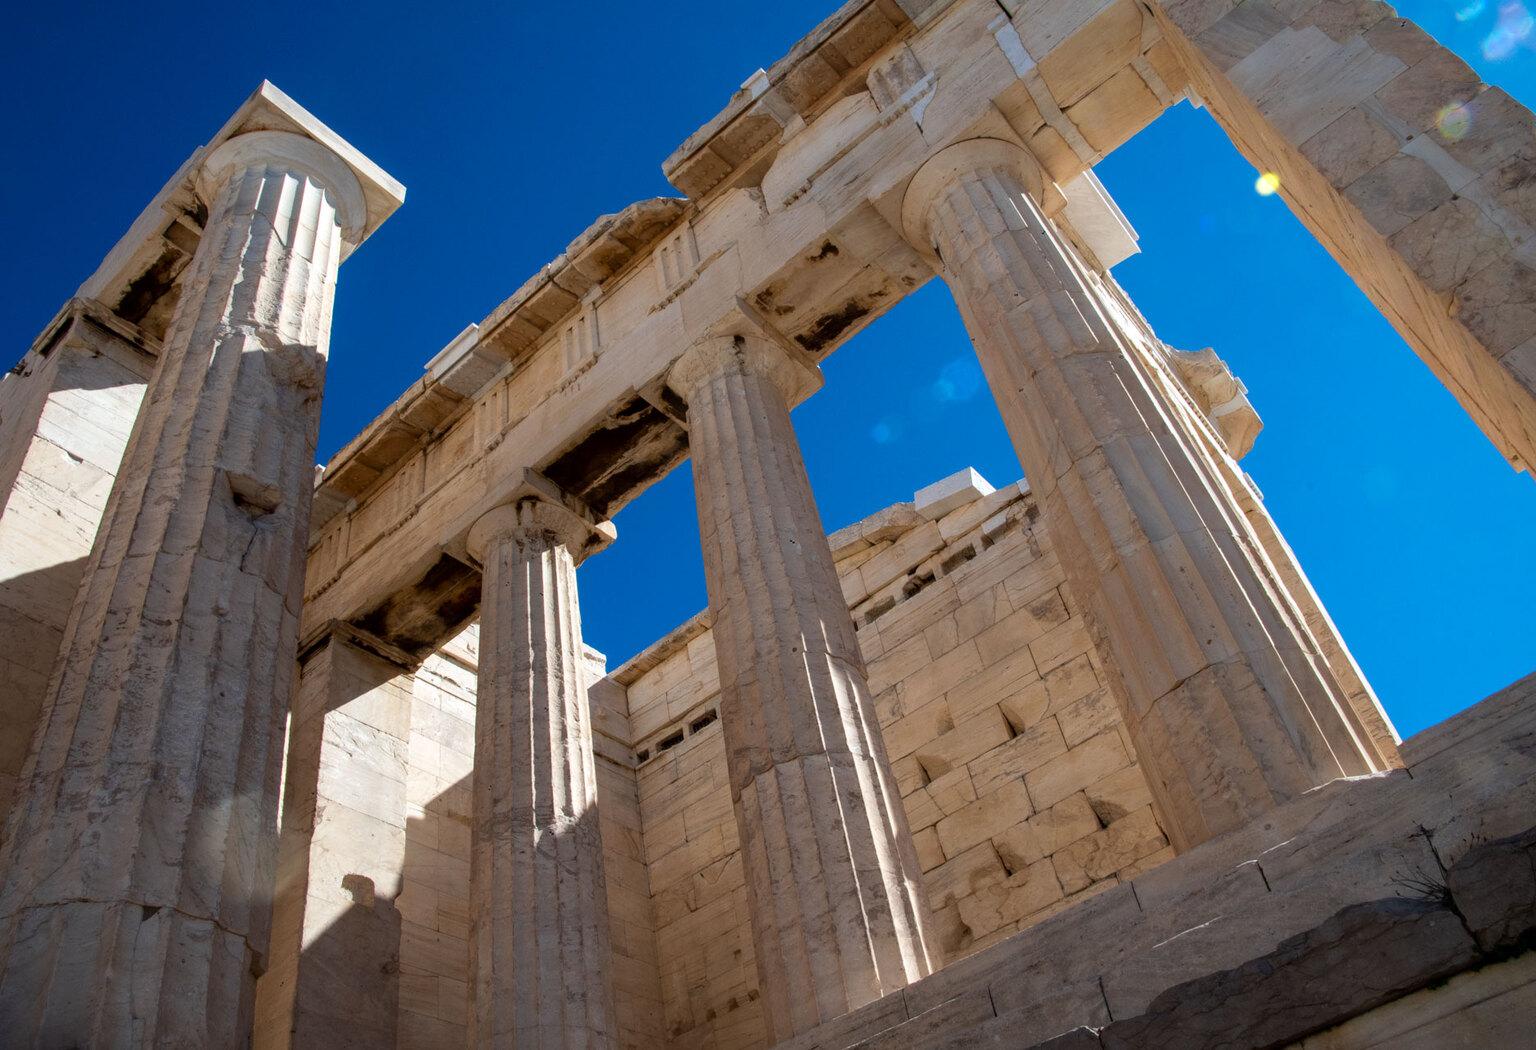 Akropolis - Ruine Akropoli - foto door fotorik op 10-04-2021 - locatie: Athene, Griekenland - deze foto bevat: lucht, tempel, gebouw, oude griekse tempel, monument, tempel, archeologische site, facade, kolom, romeinse tempel